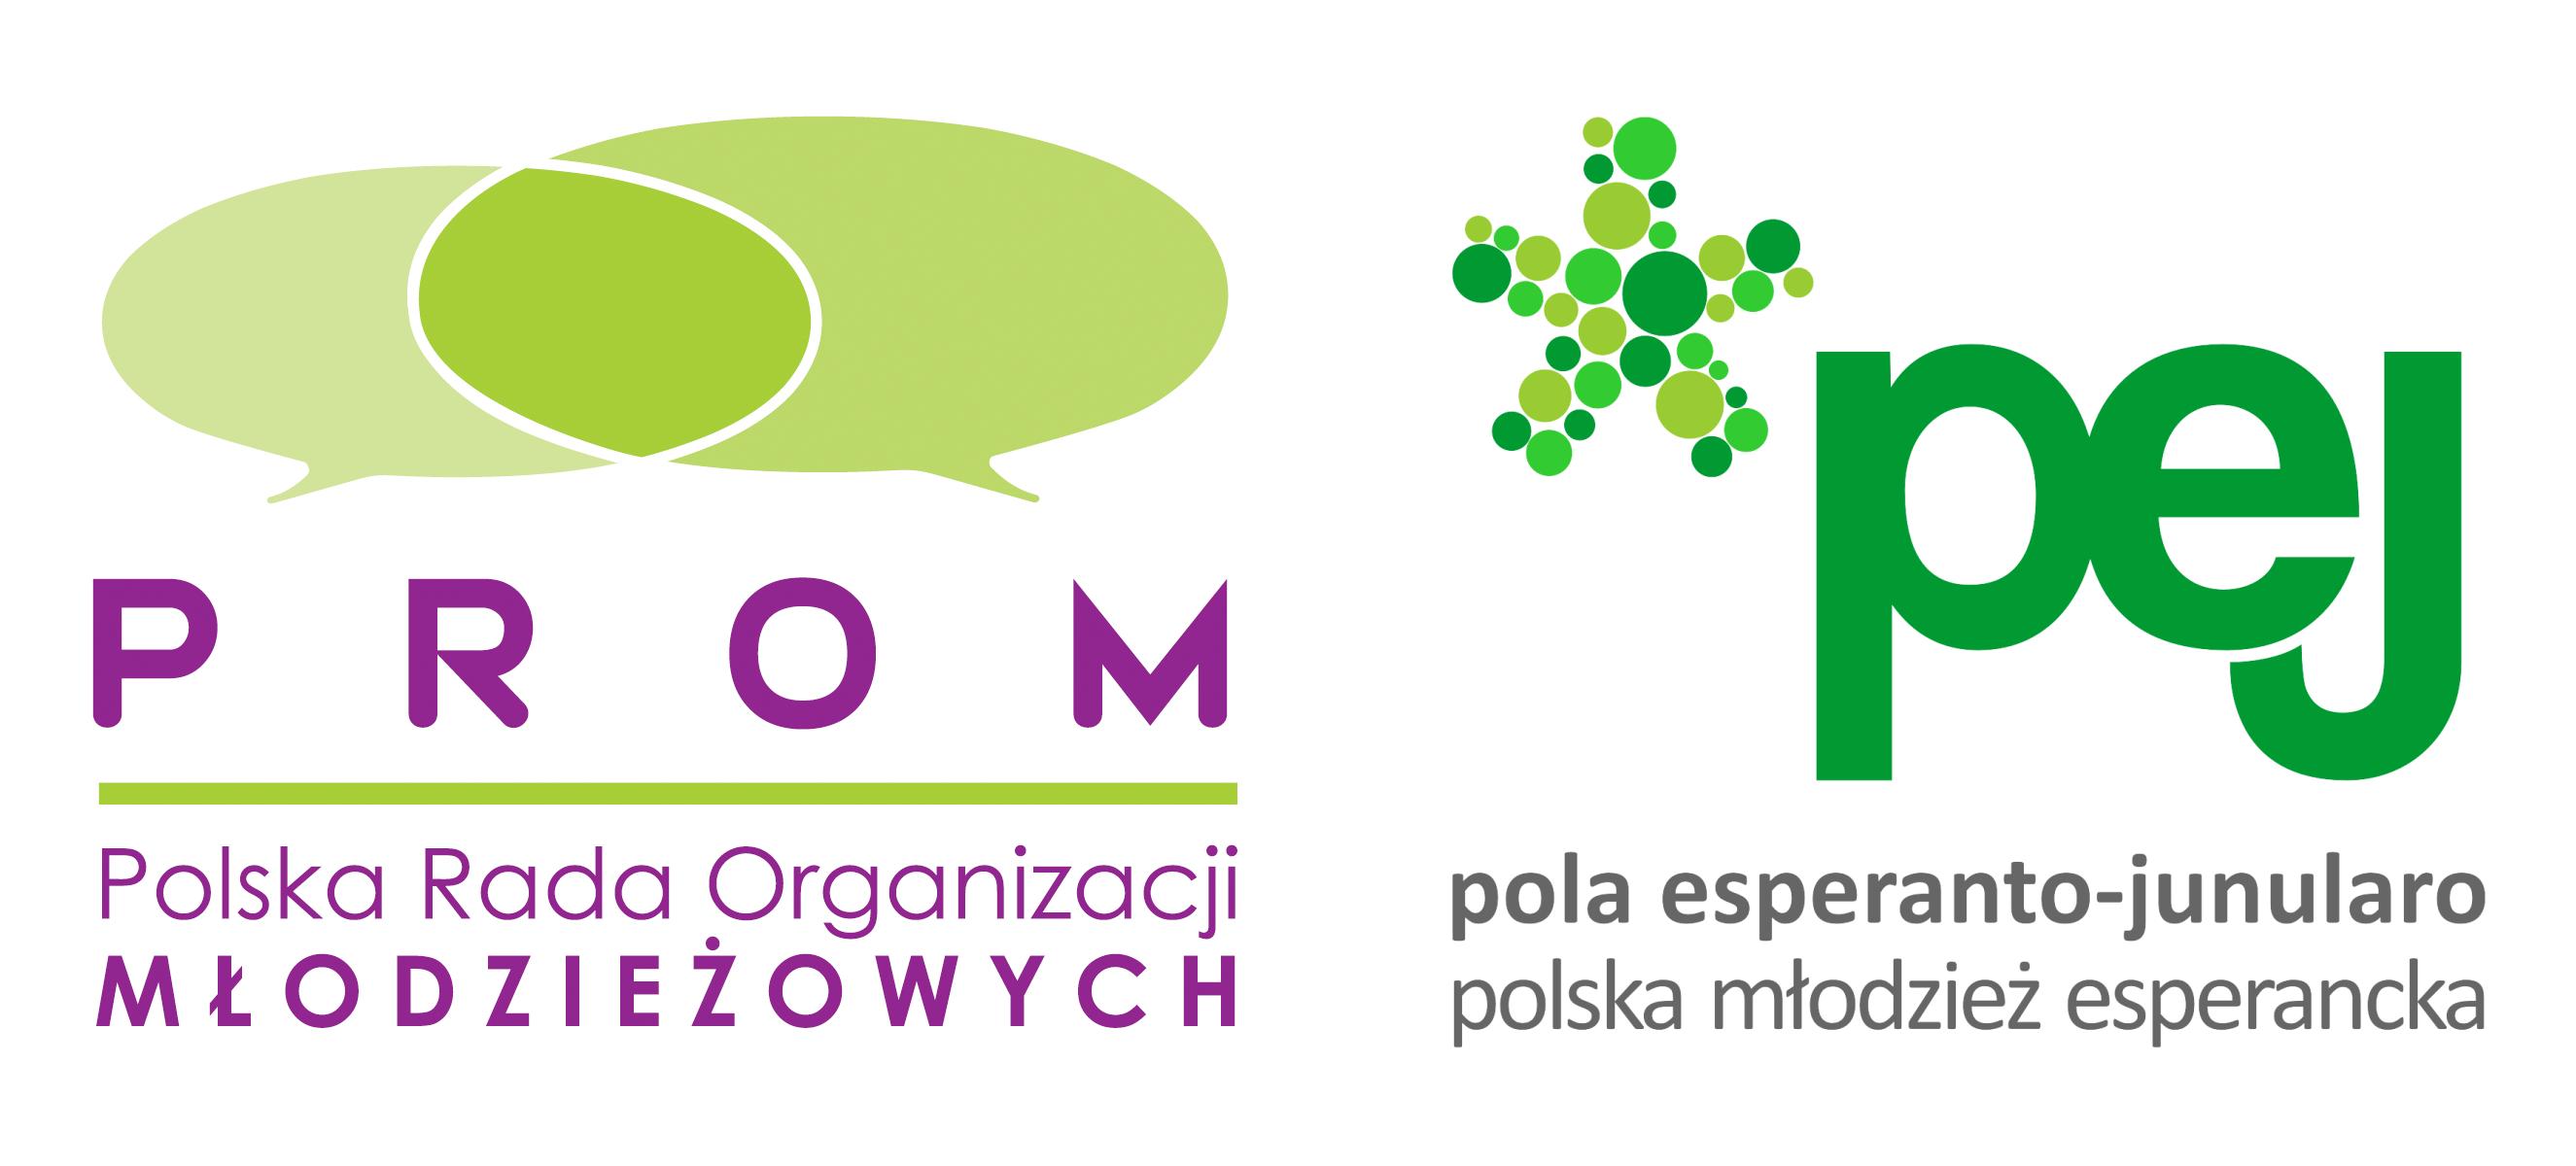 Polska Rada Organizacji Młodzieżowych | Polska Młodzież Esperancka